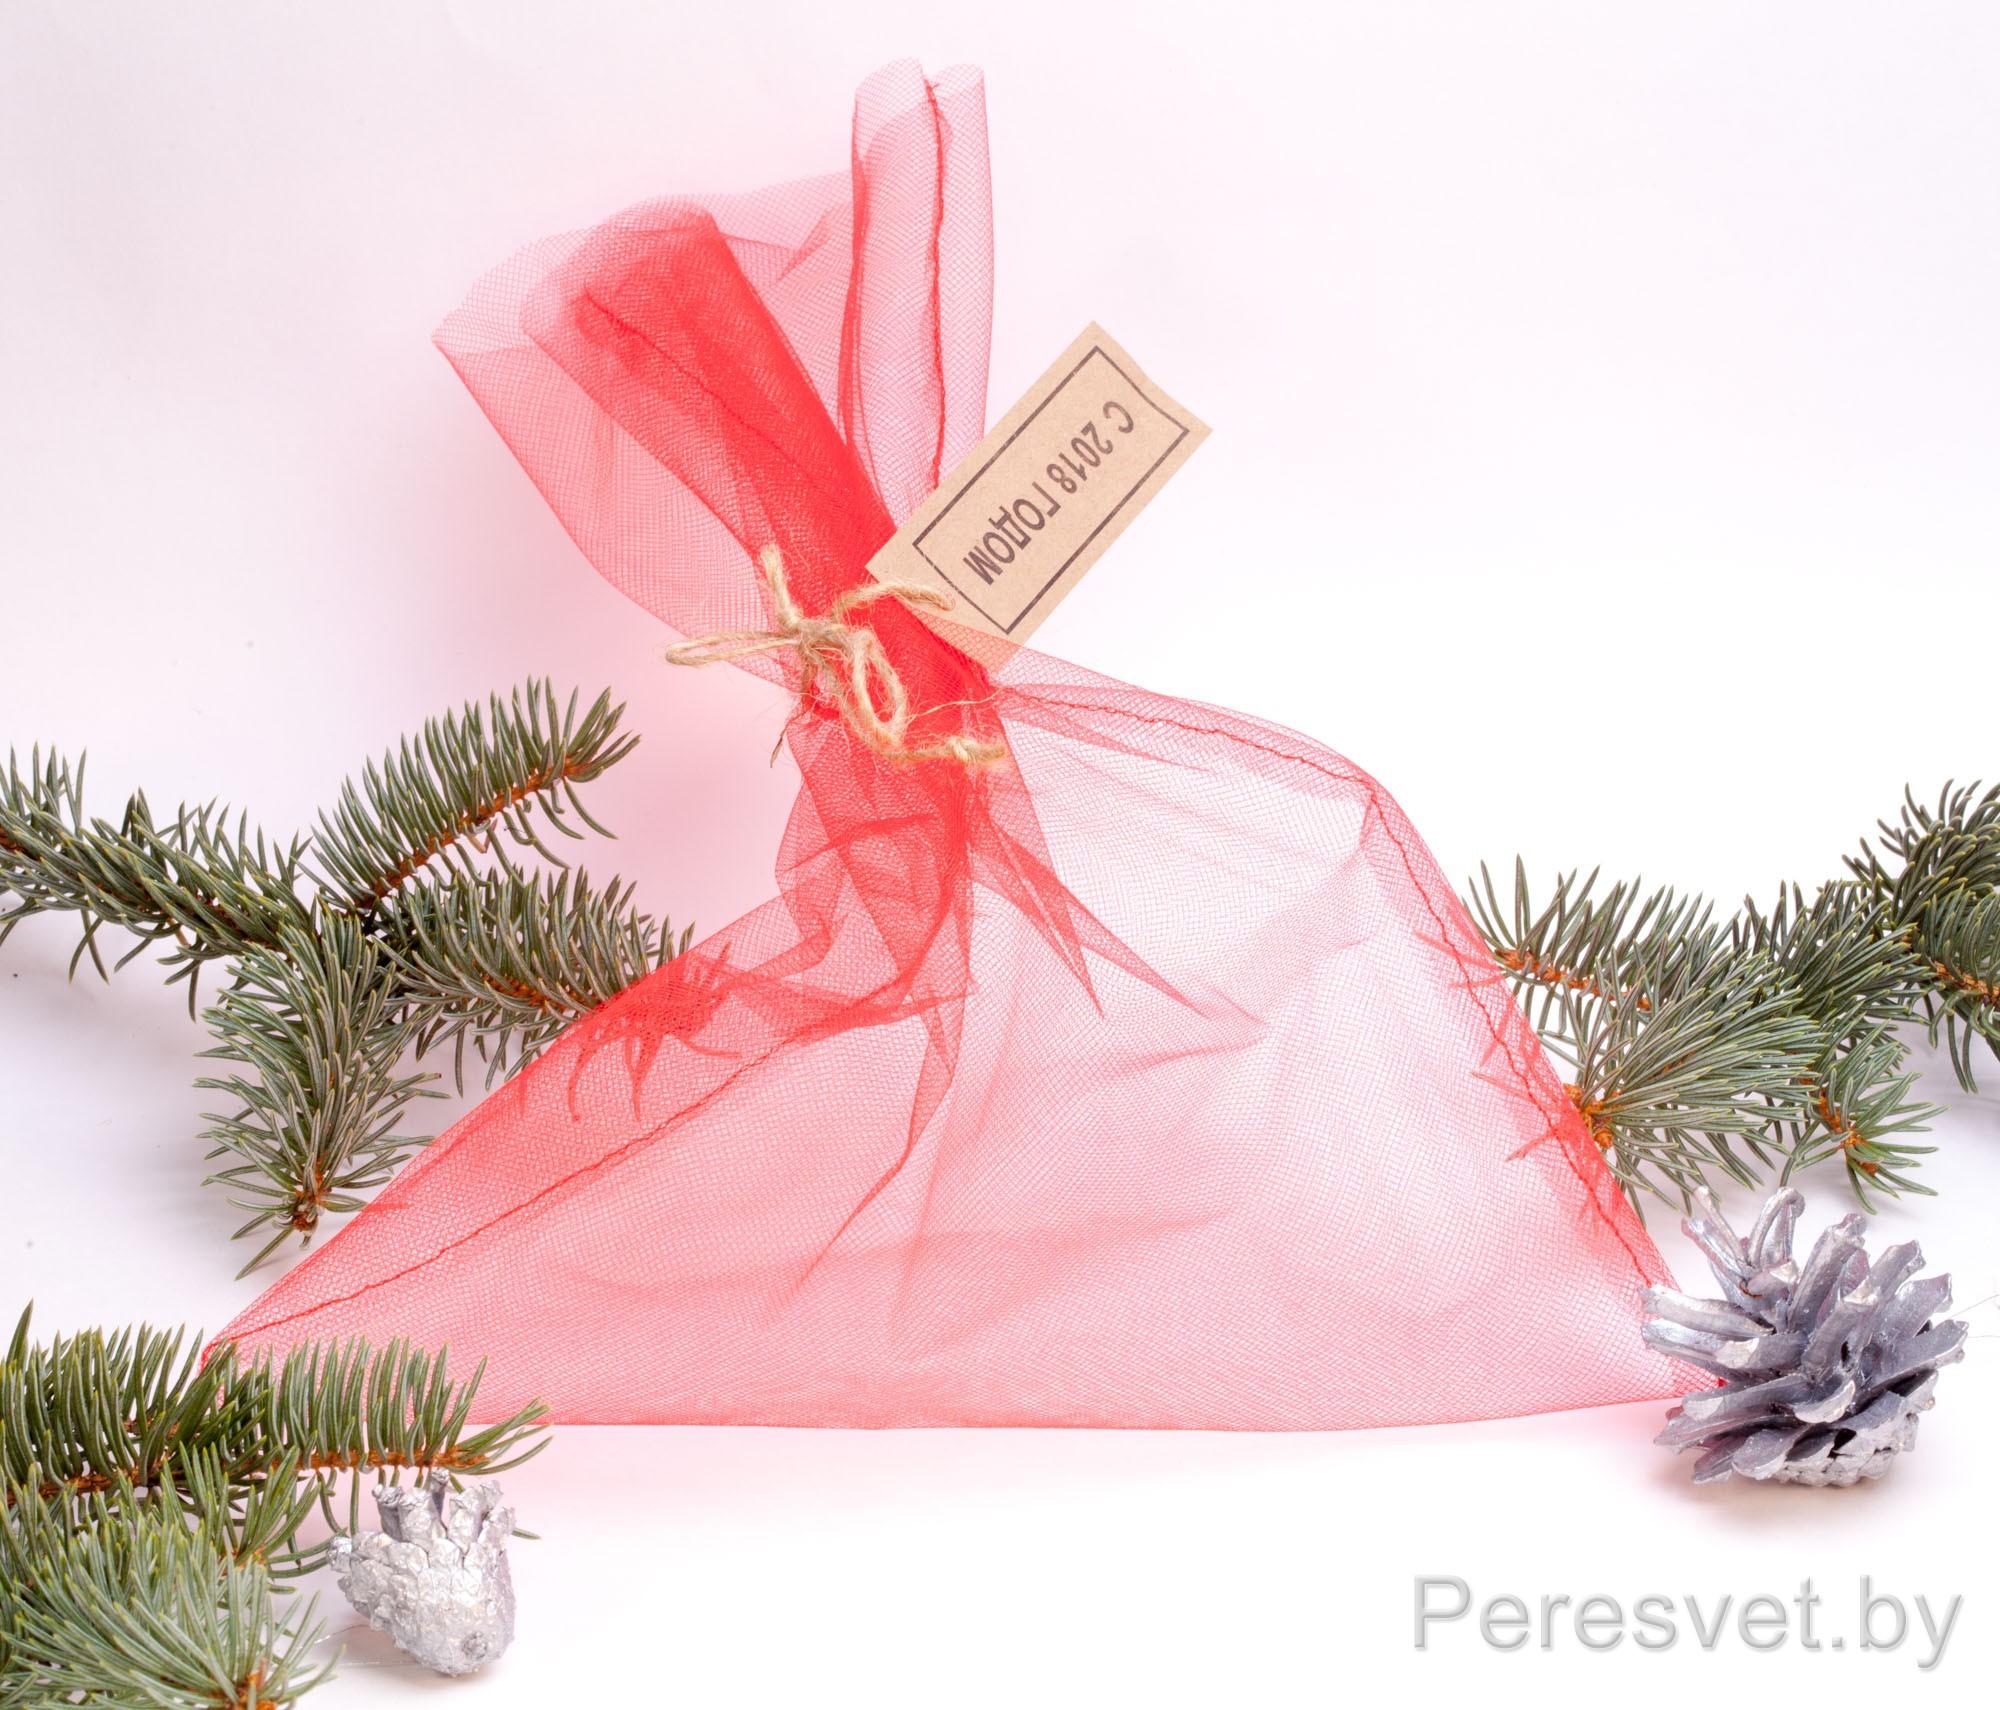 Новогодний комплект Подарок снеговика 2020 год опт на peresvet.by